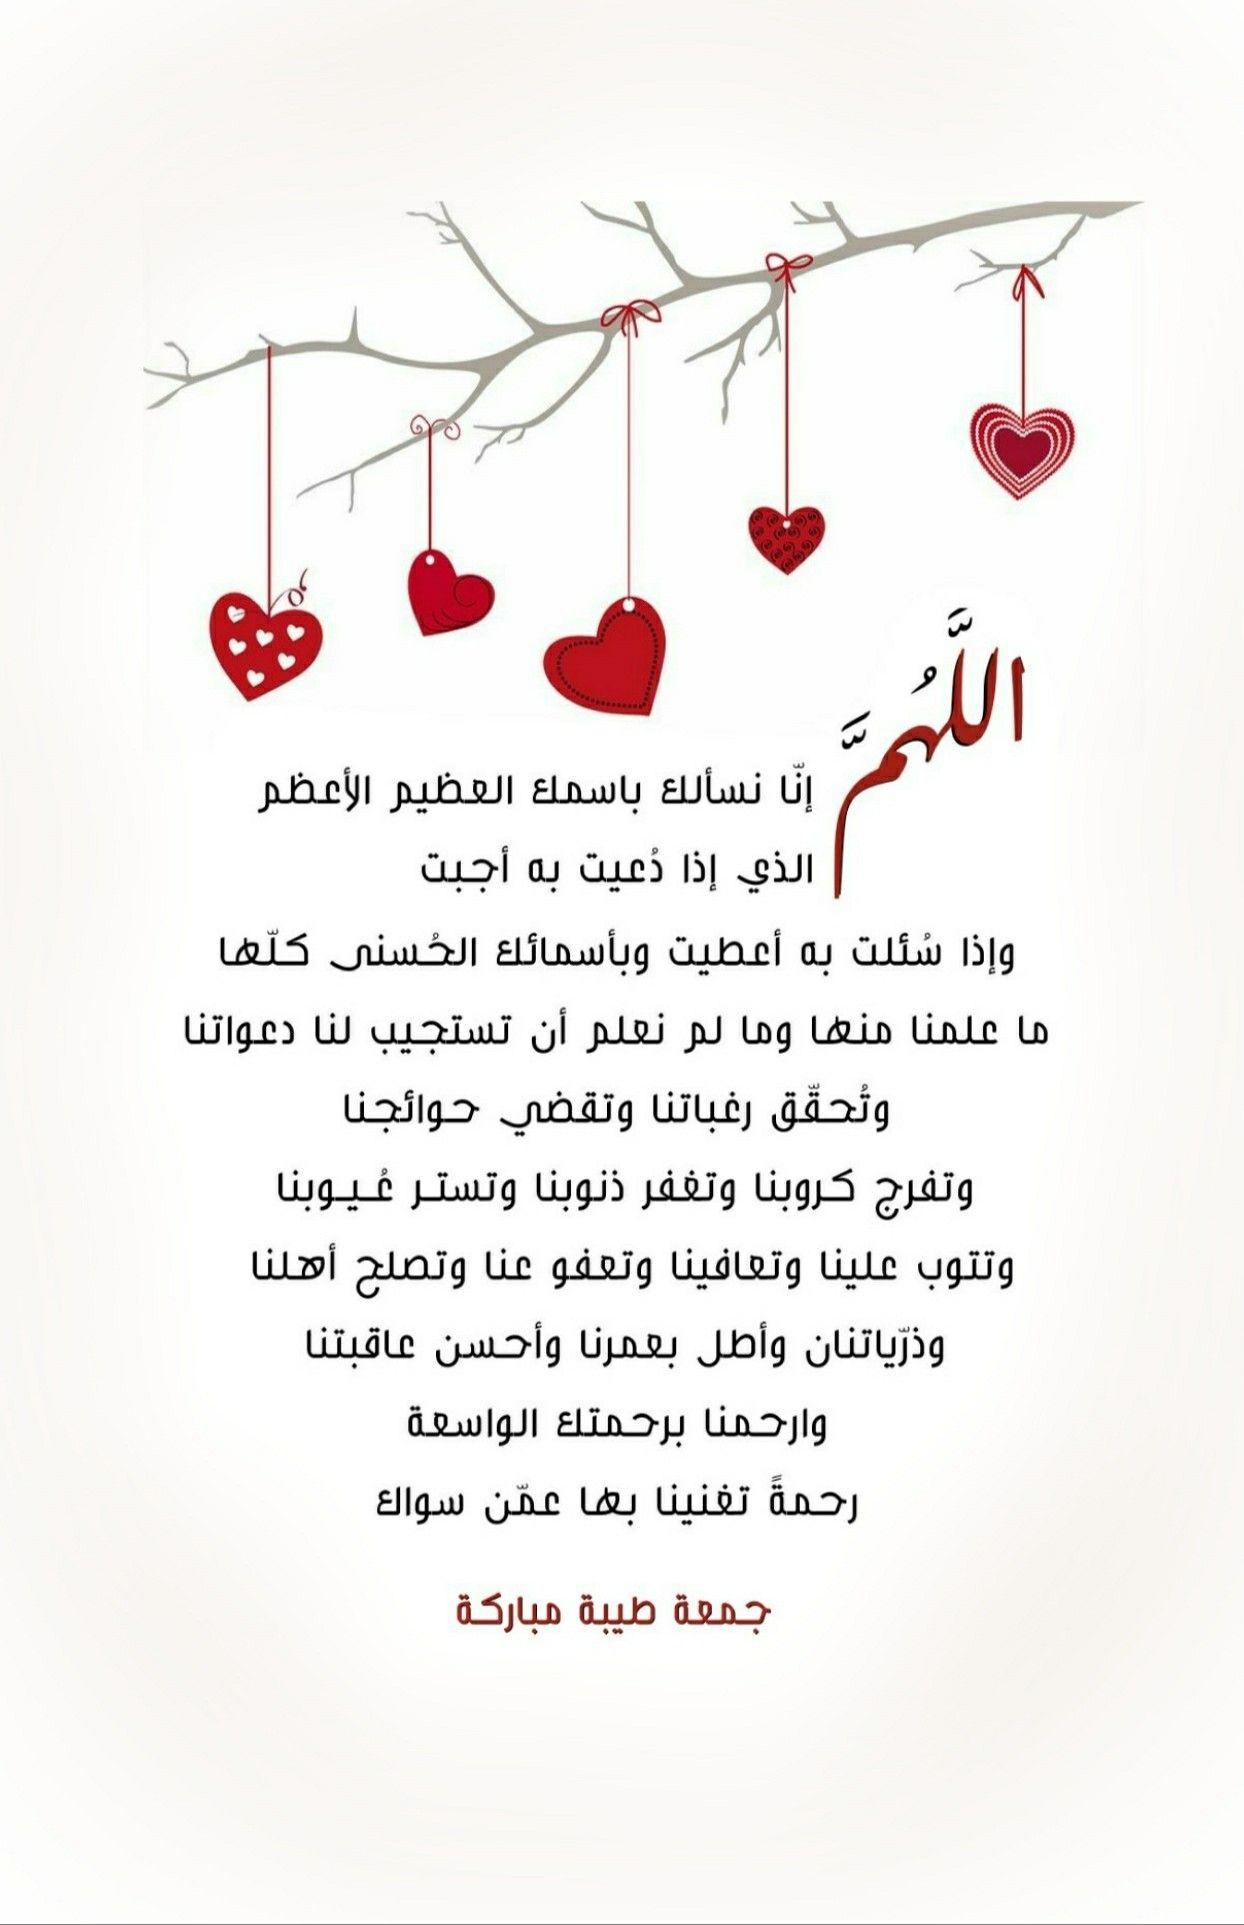 الل ه م إن ا نسألك باسمك العظيم الأعظم الذي إذا د عيت به أجبت وإذا س ئلت به أعطيت وبأسمائك الح س Islam Facts Ramadan Background Good Morning Greetings